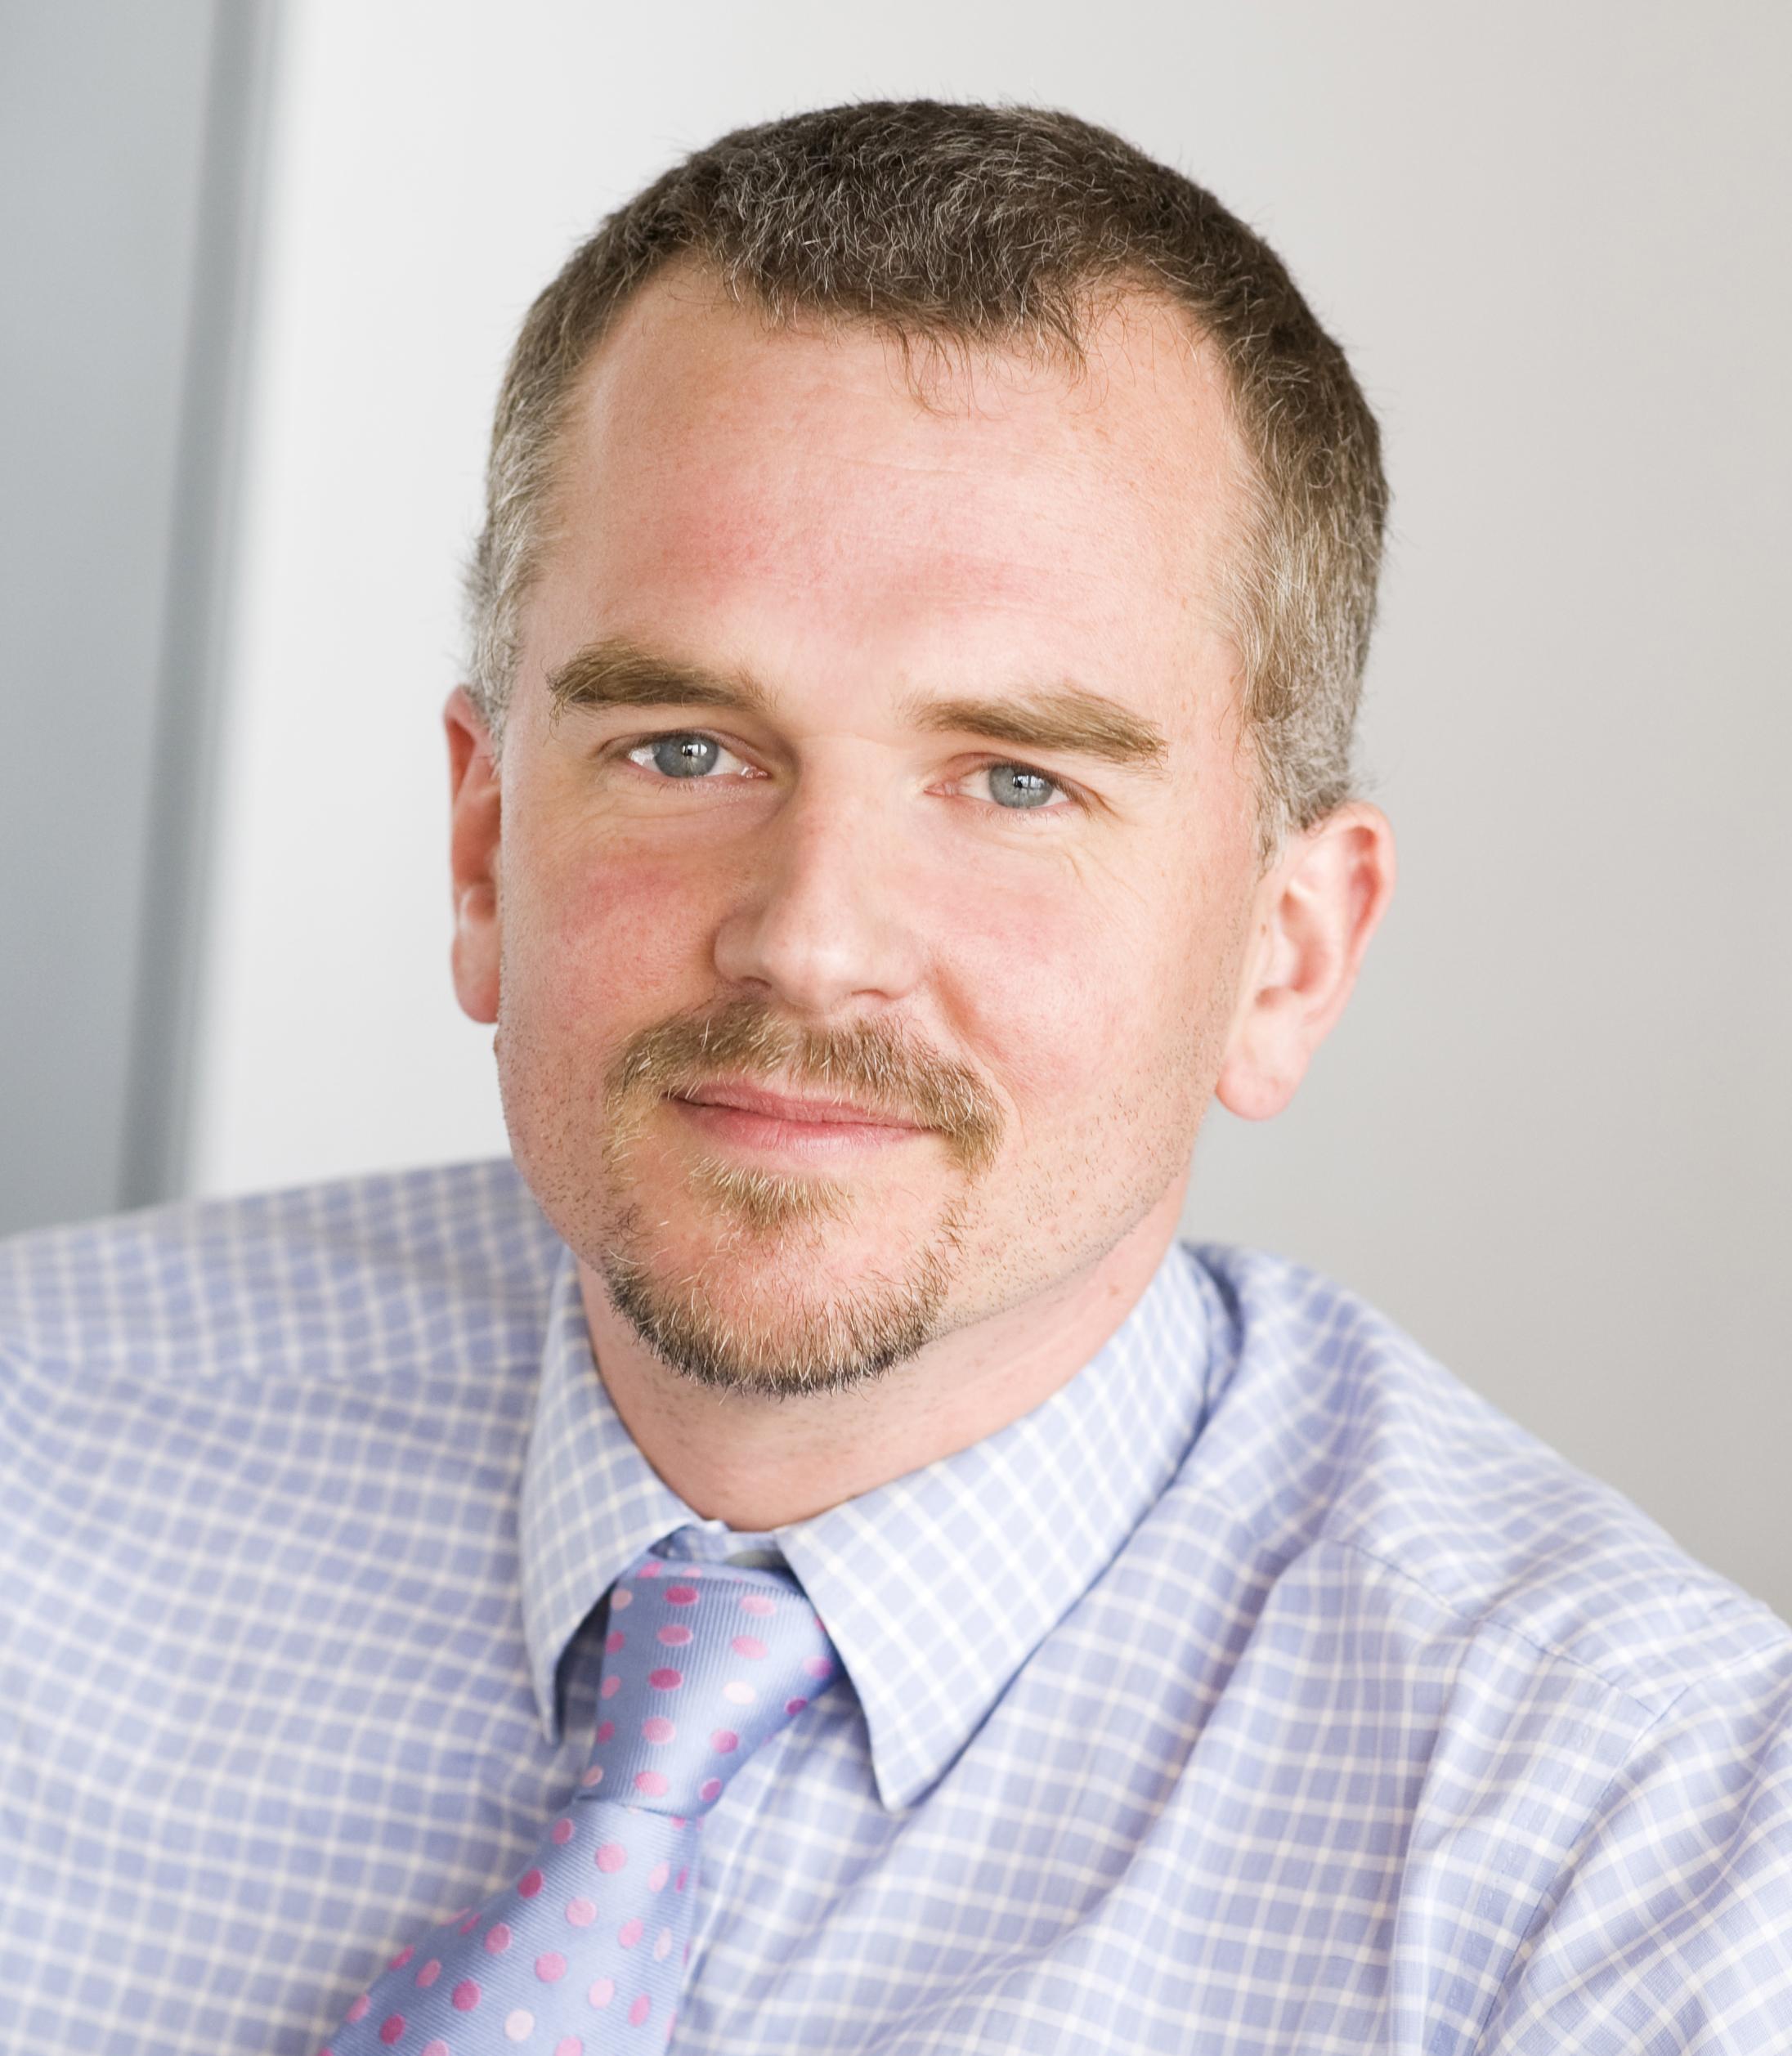 Andrew Palmer, The Economist